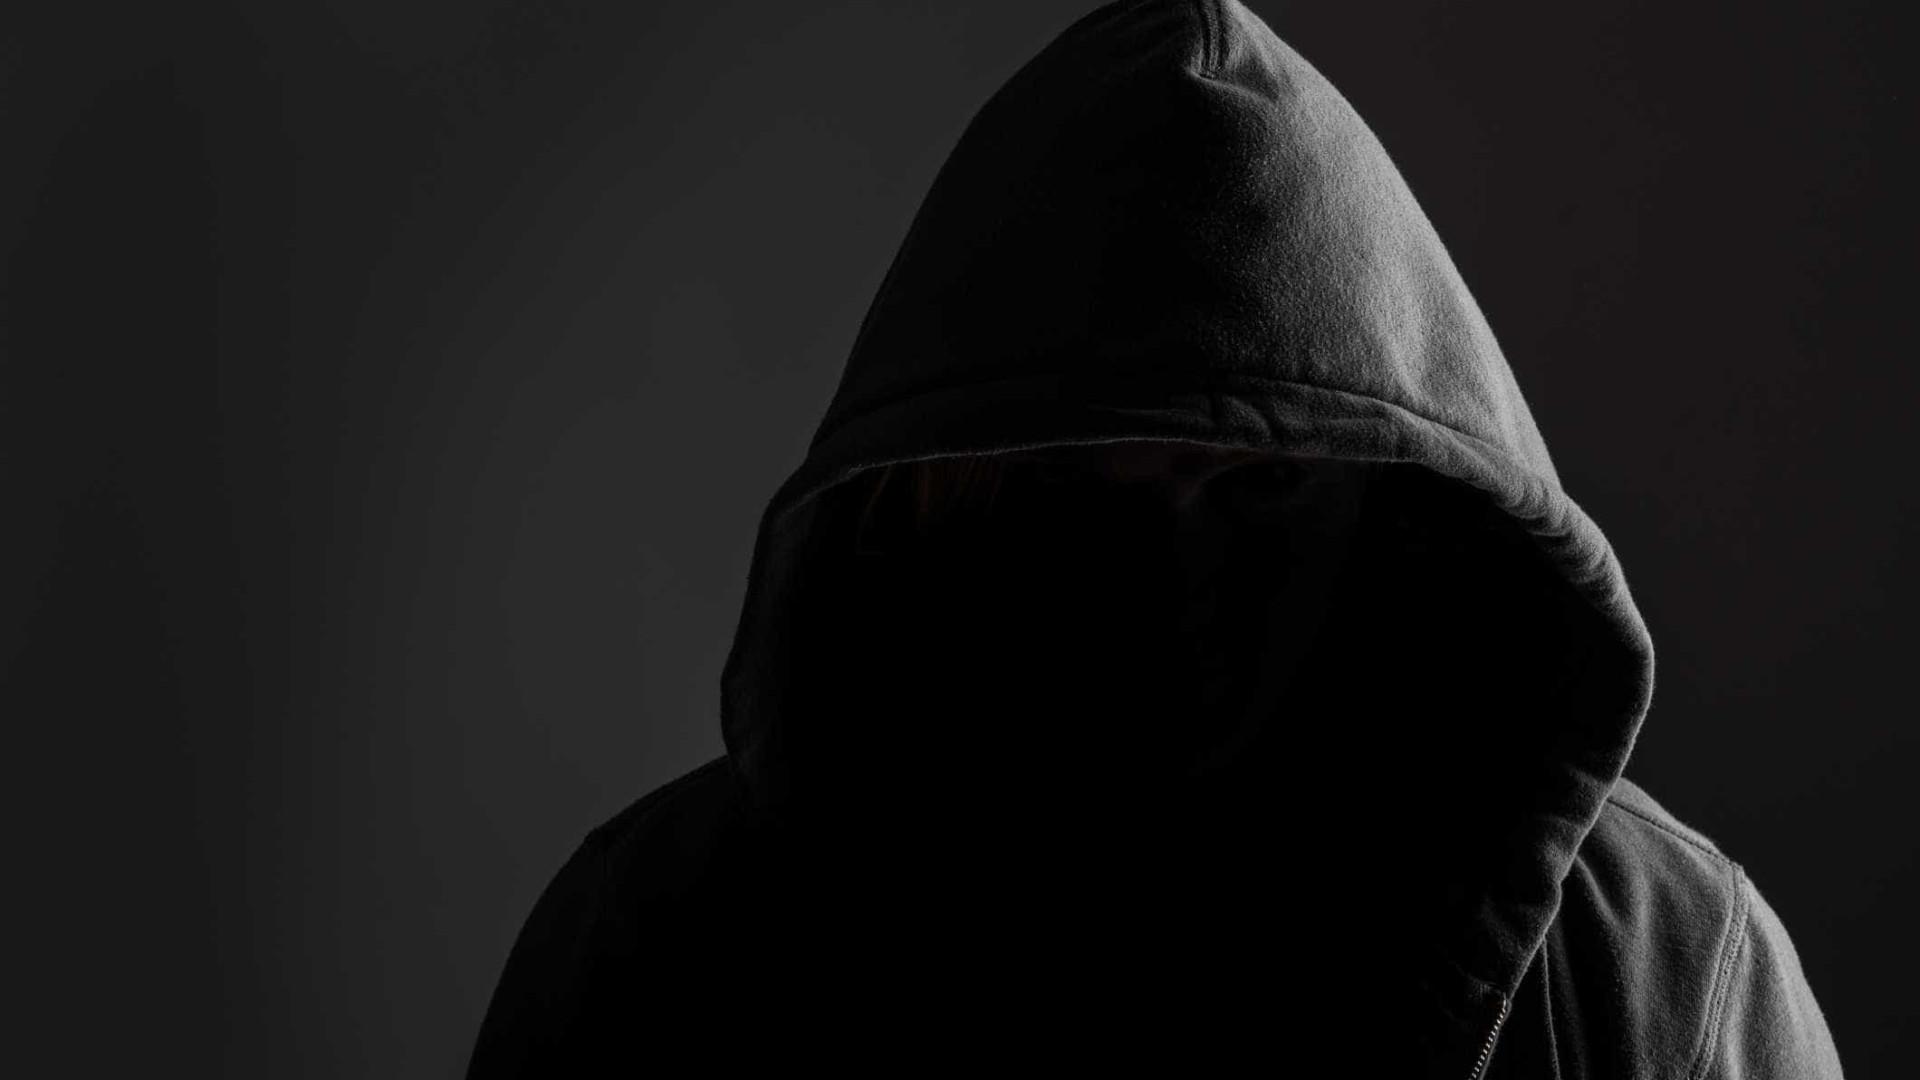 Jovem de 16 anos preso por roubo por esticão em Odivelas